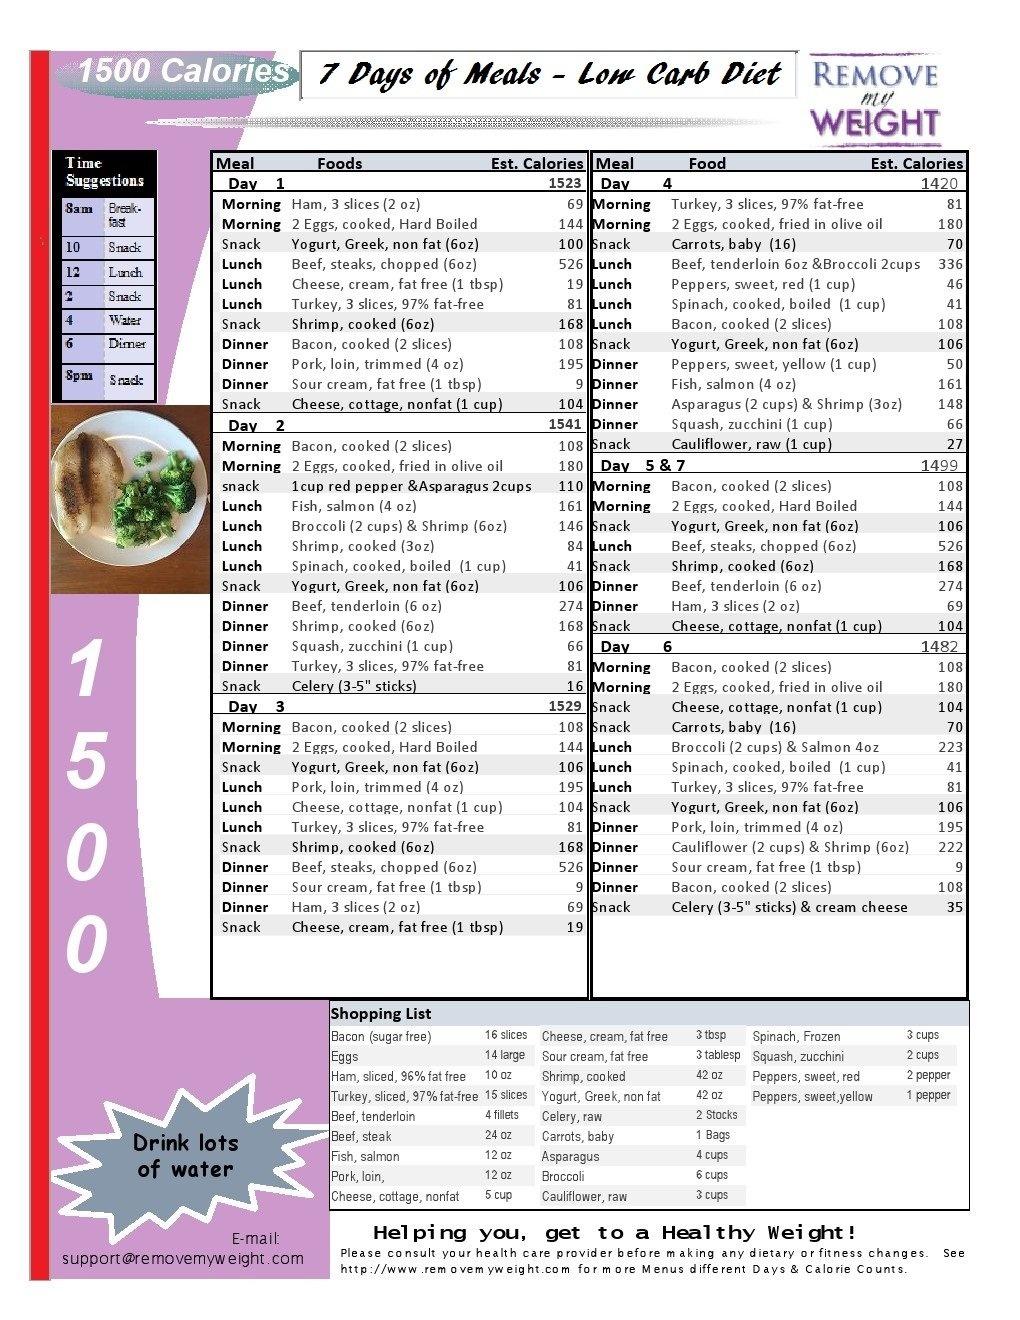 Printable Low Carb Diet: 1 Week -1500 Calorie Menu Plan - Menu Plan - Free Printable Atkins Diet Plan